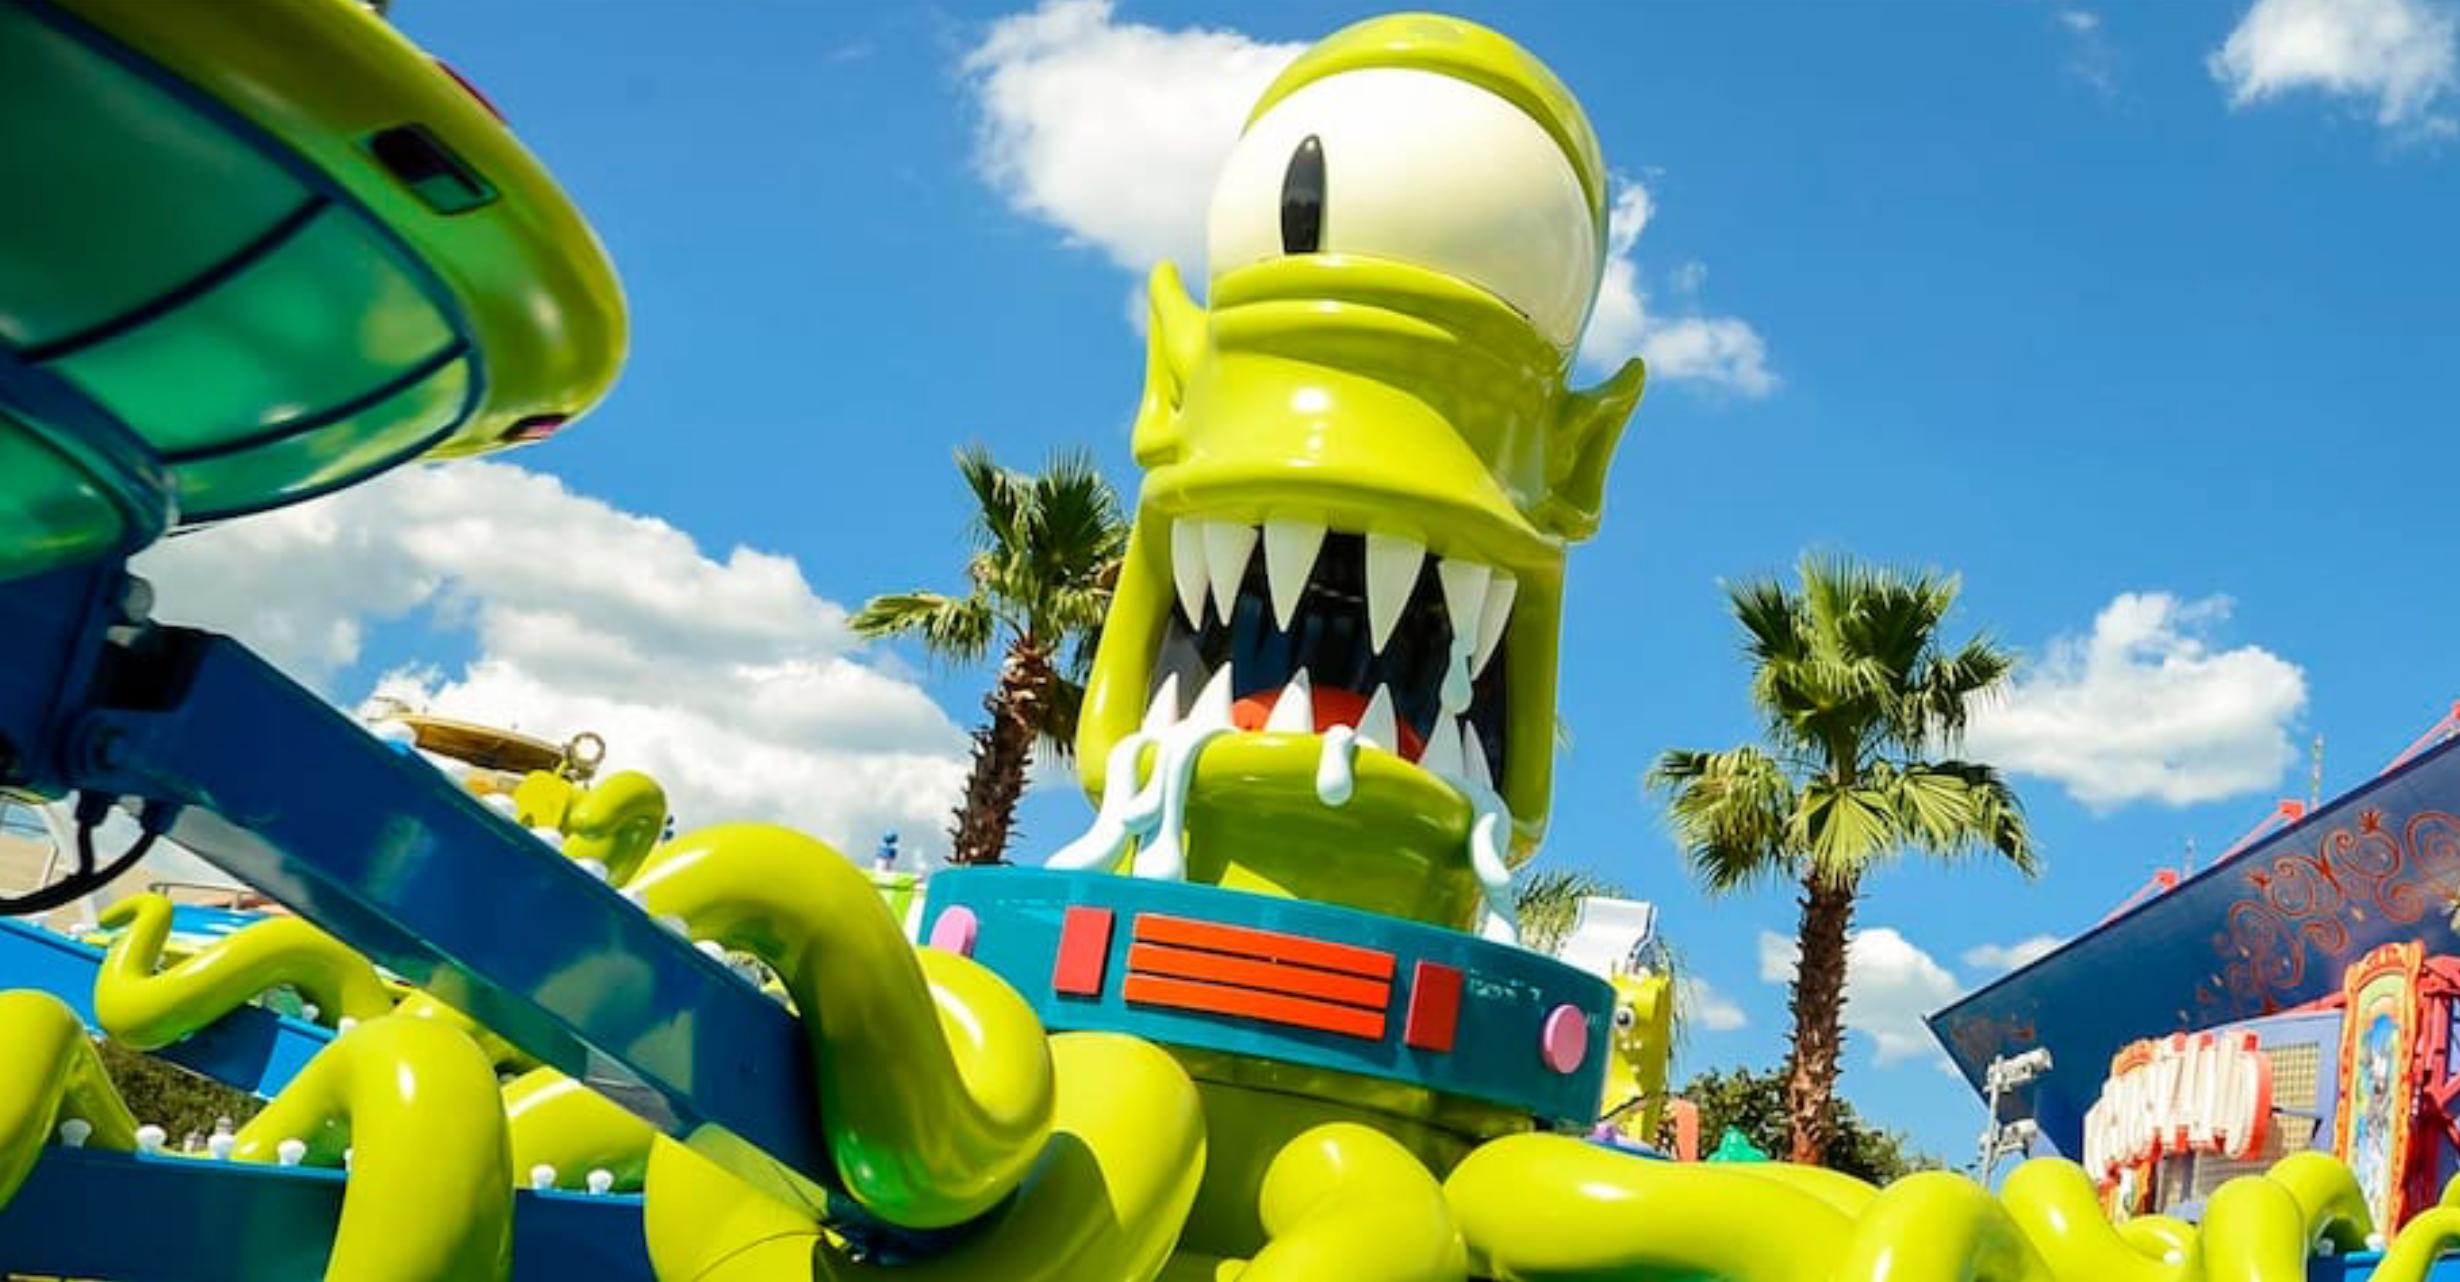 Kang & Kodos' Twirl 'n' Hurl at Universal Studios Florida